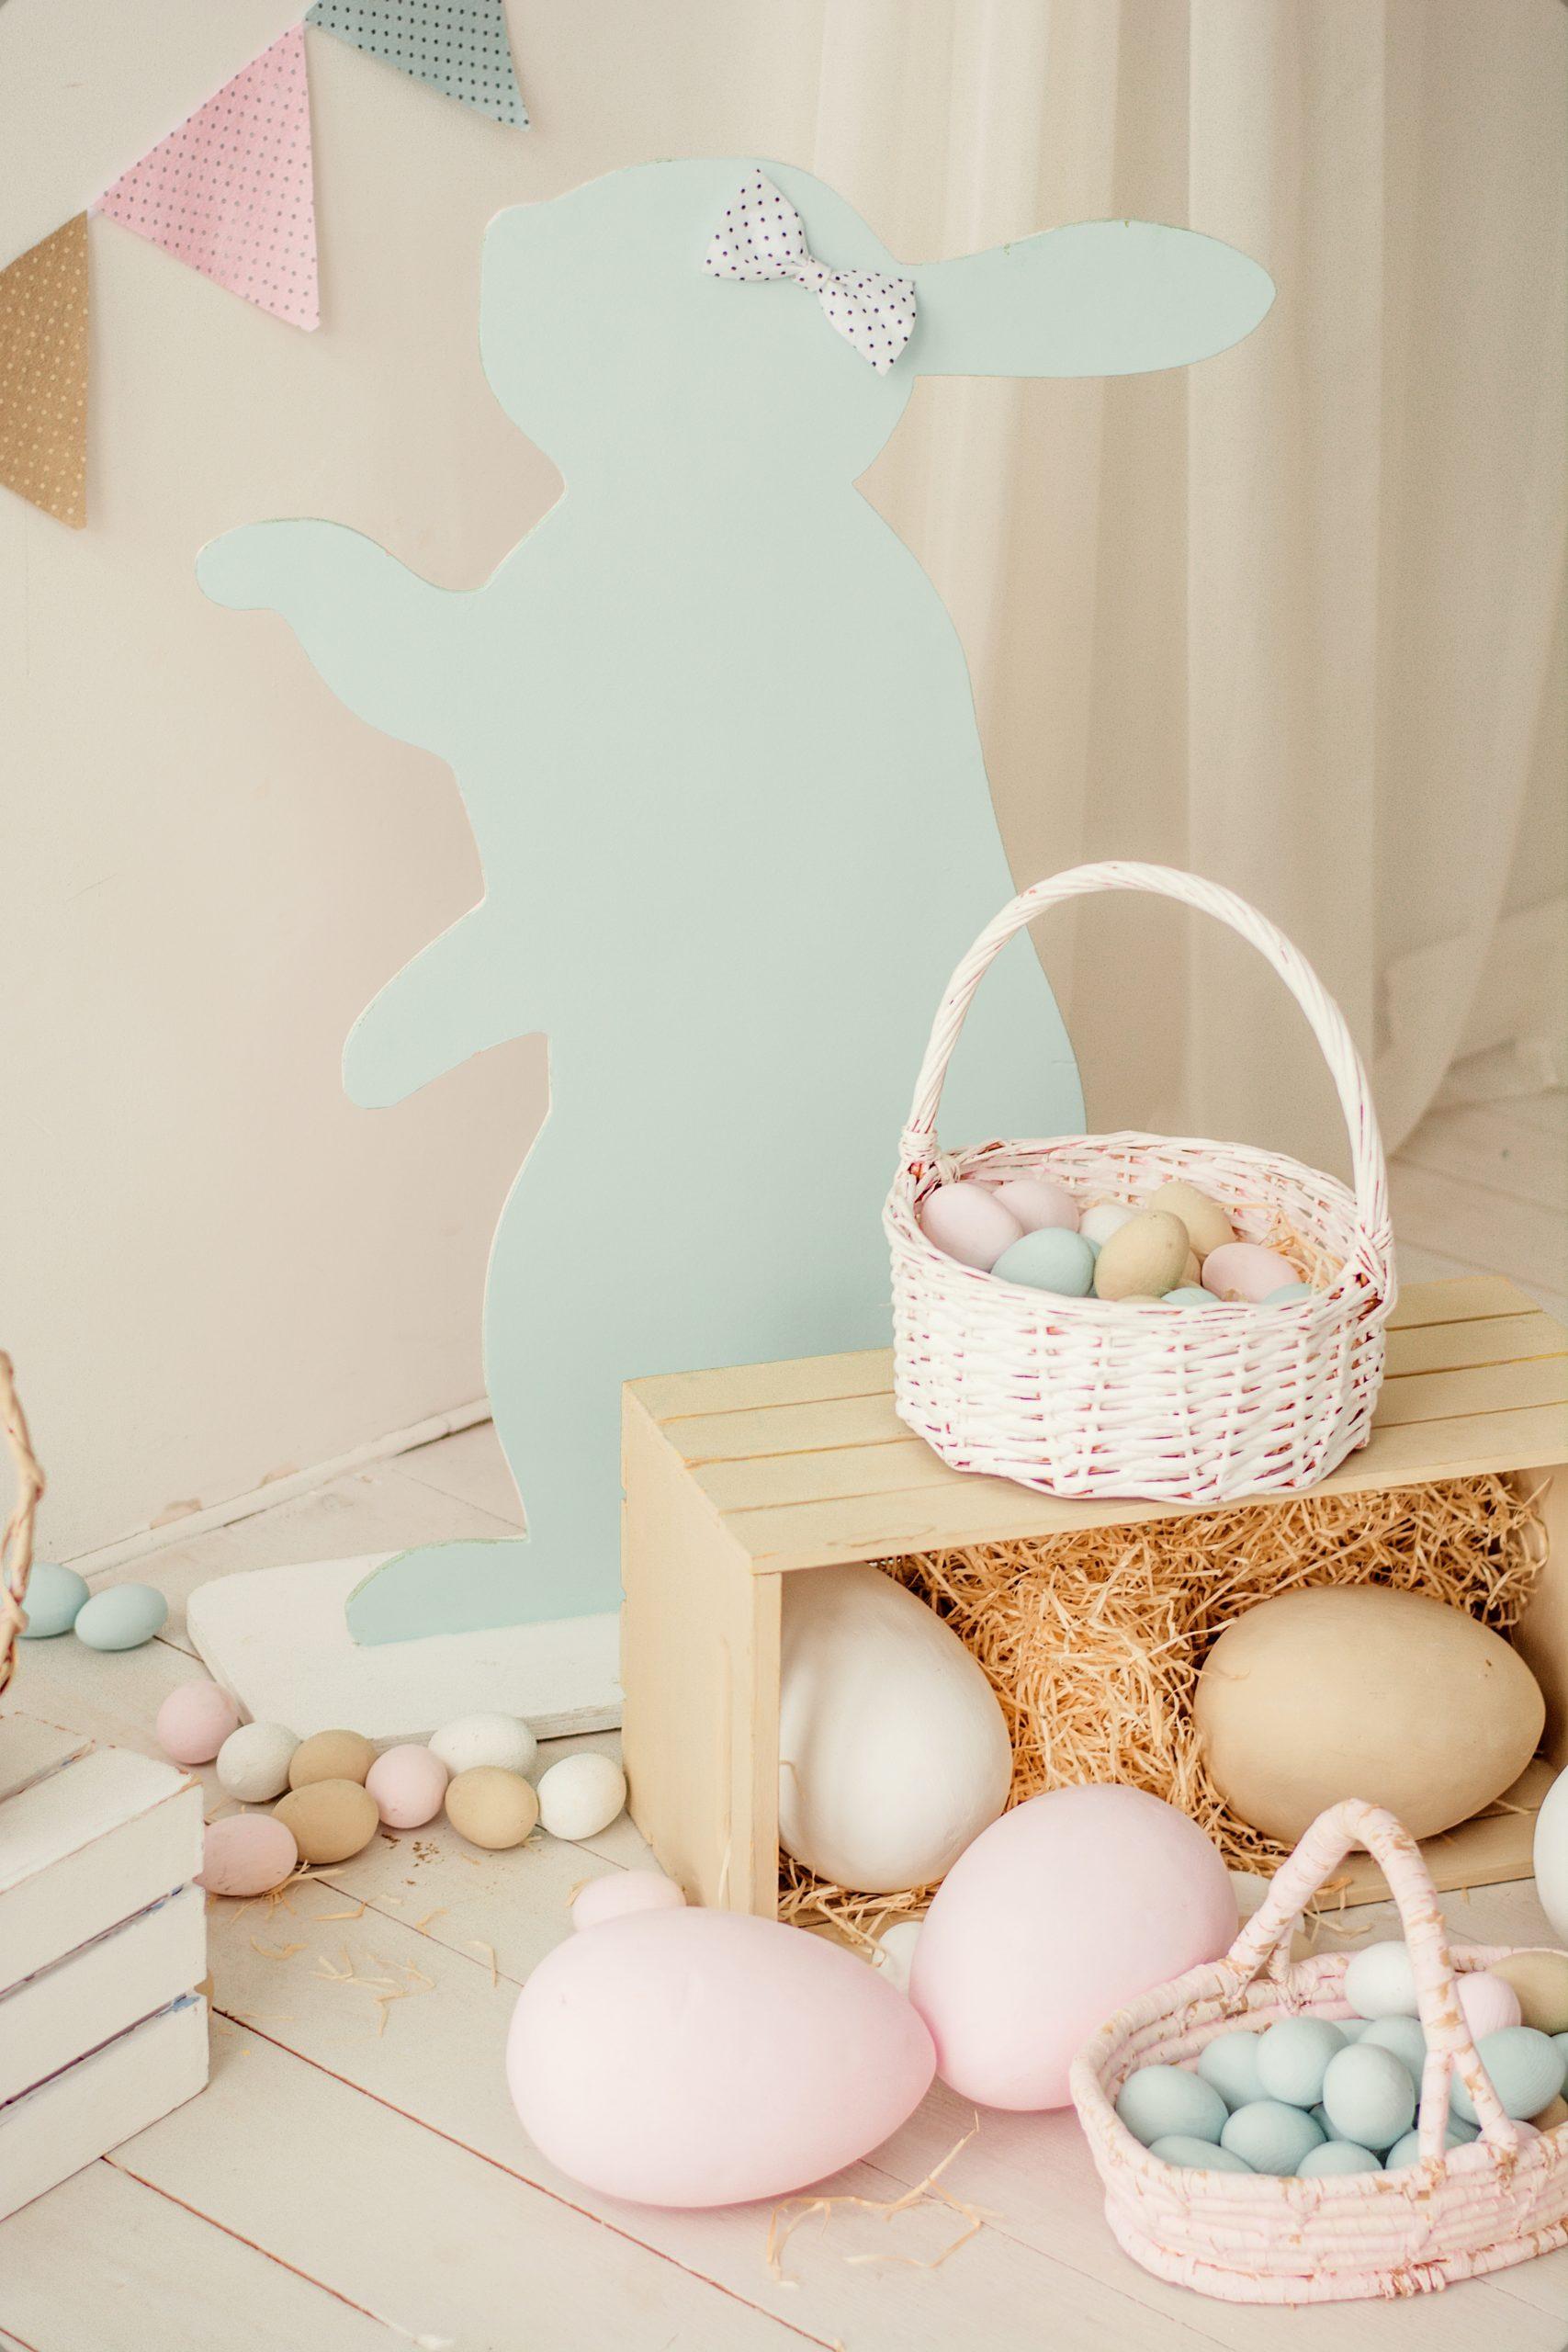 brown egg on brown wooden basket